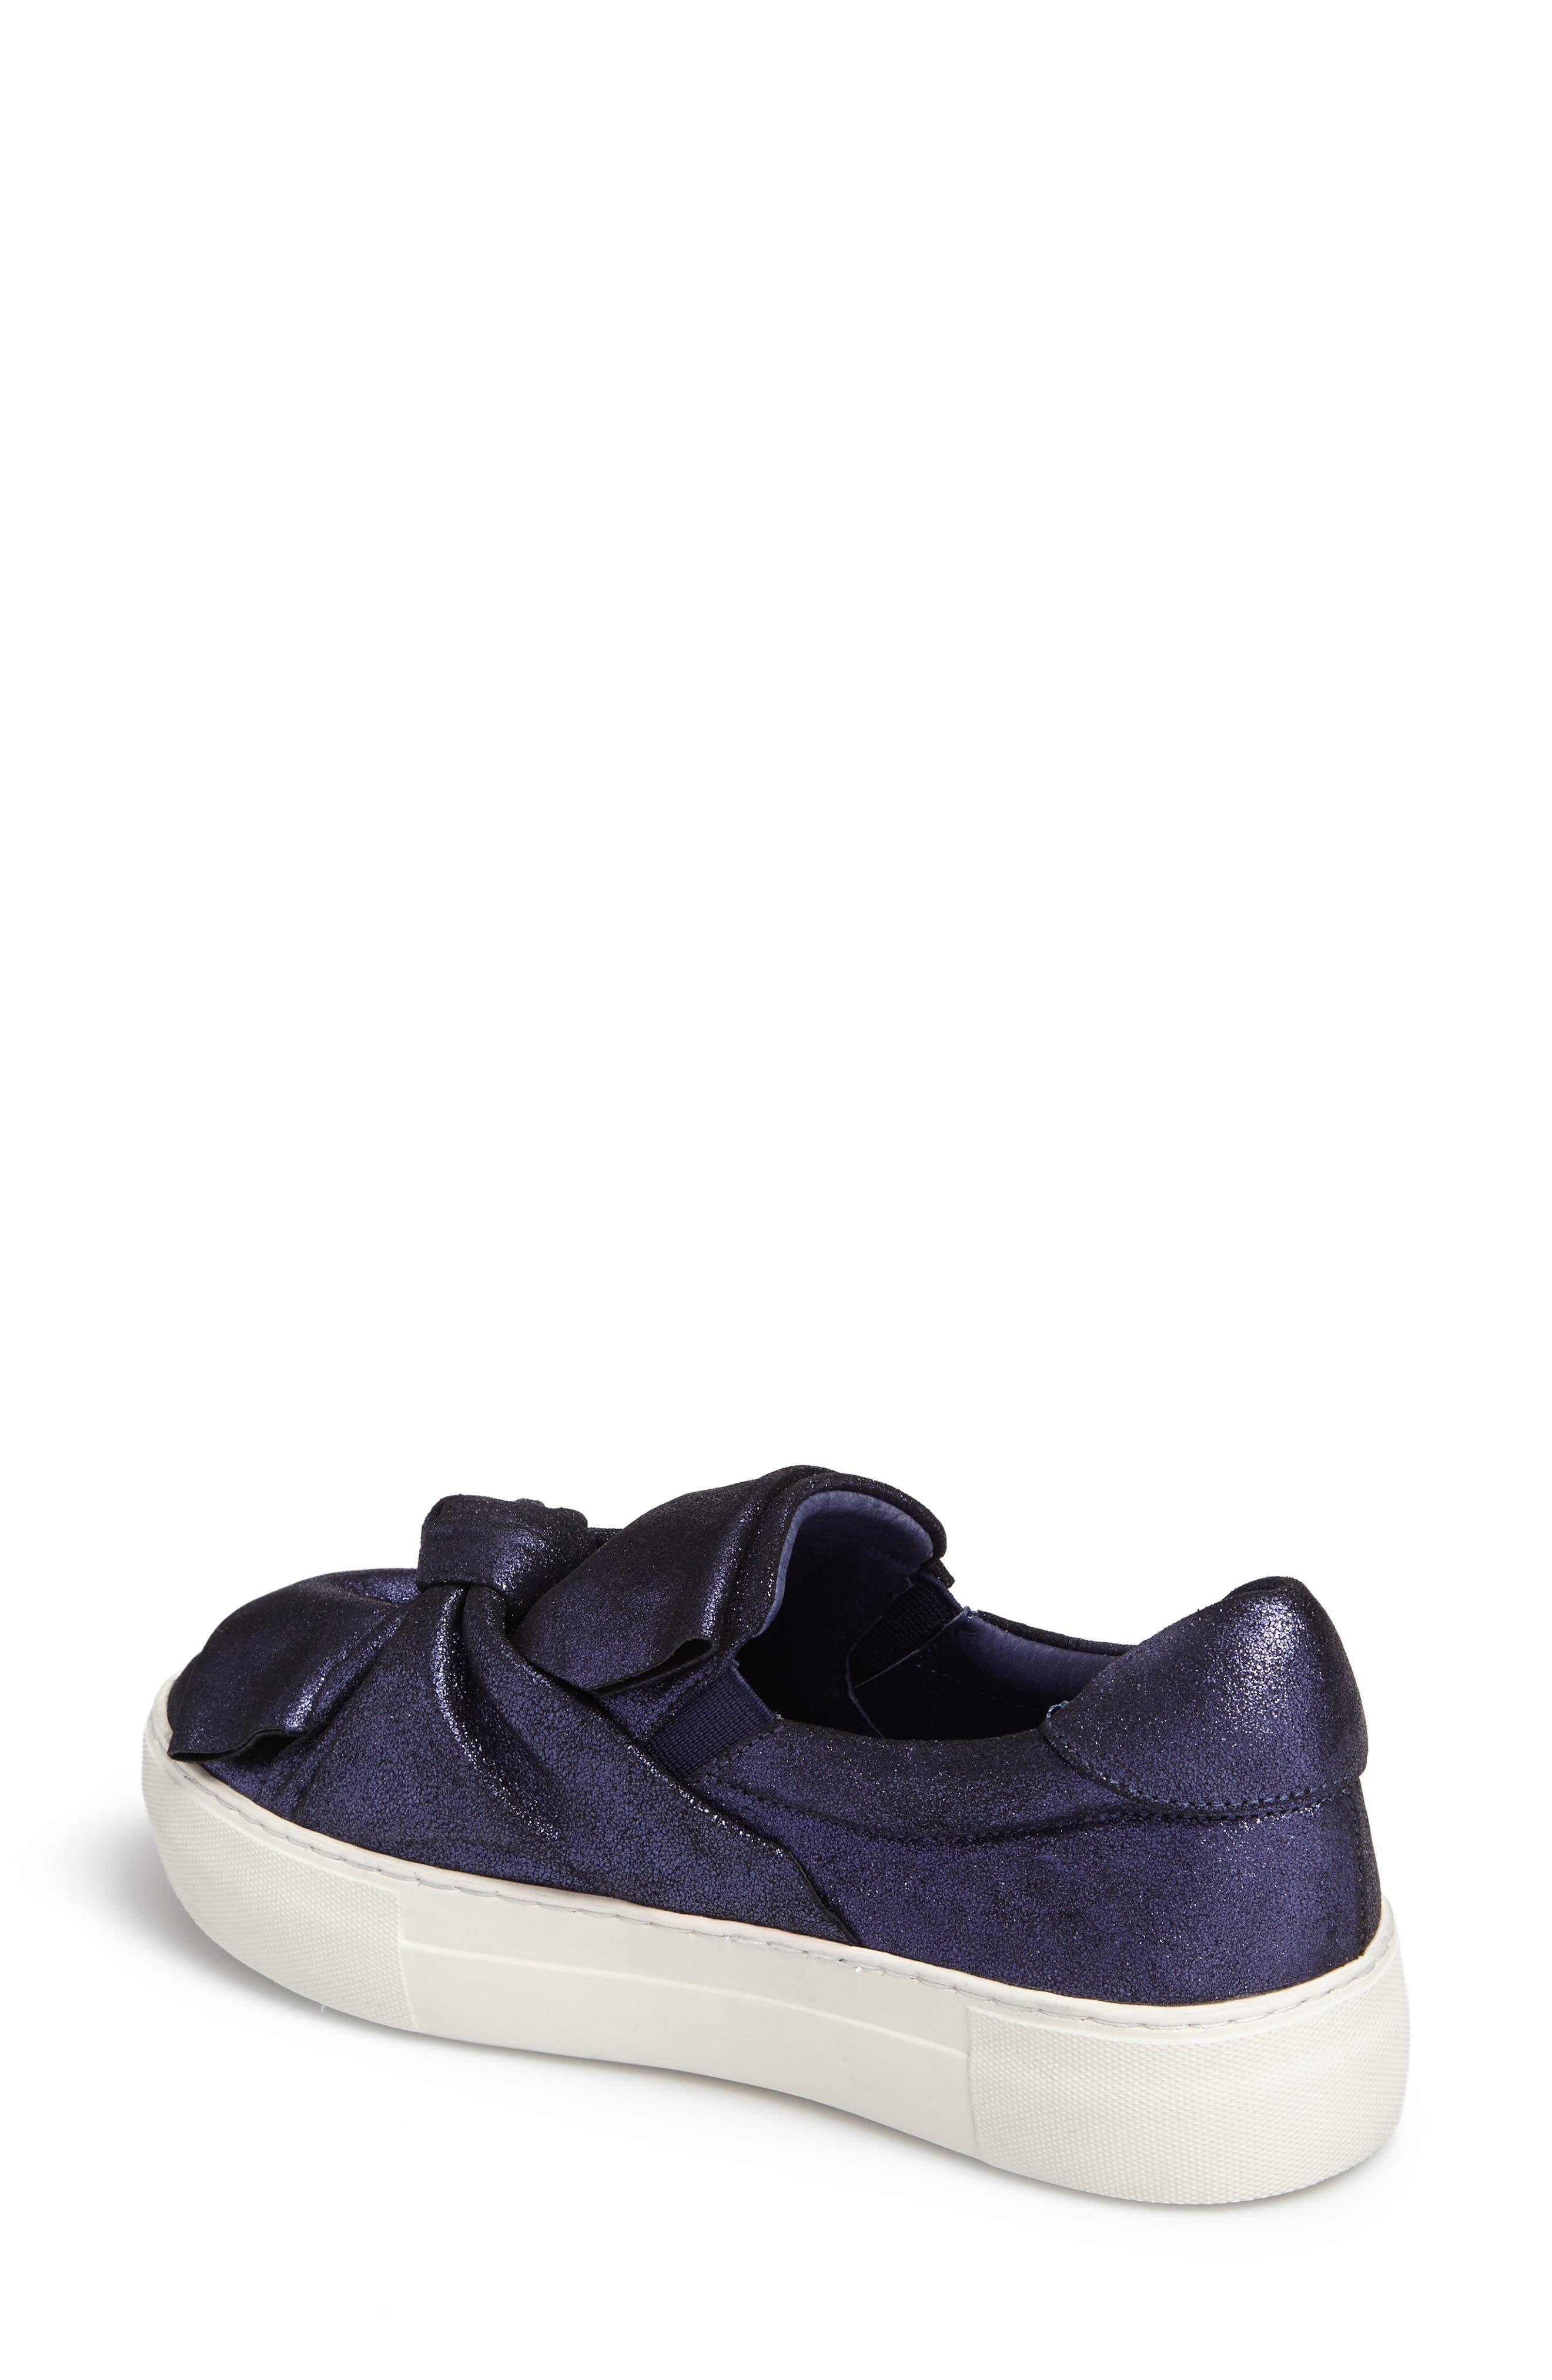 Audra Slip-On Sneaker,                             Alternate thumbnail 2, color,                             Navy Leather